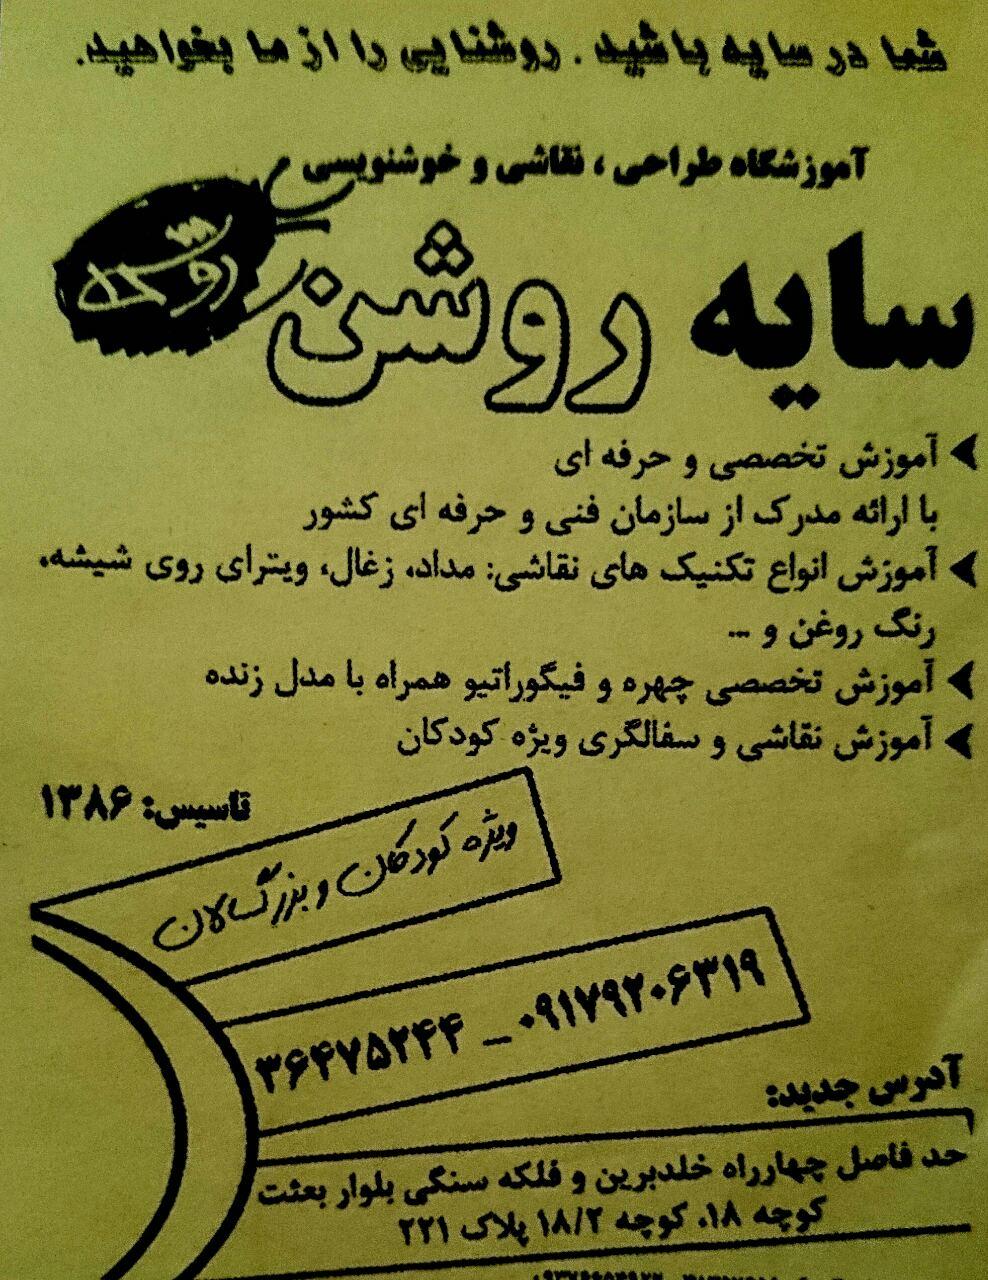 آموزشگاه سایه روشن در شیراز3